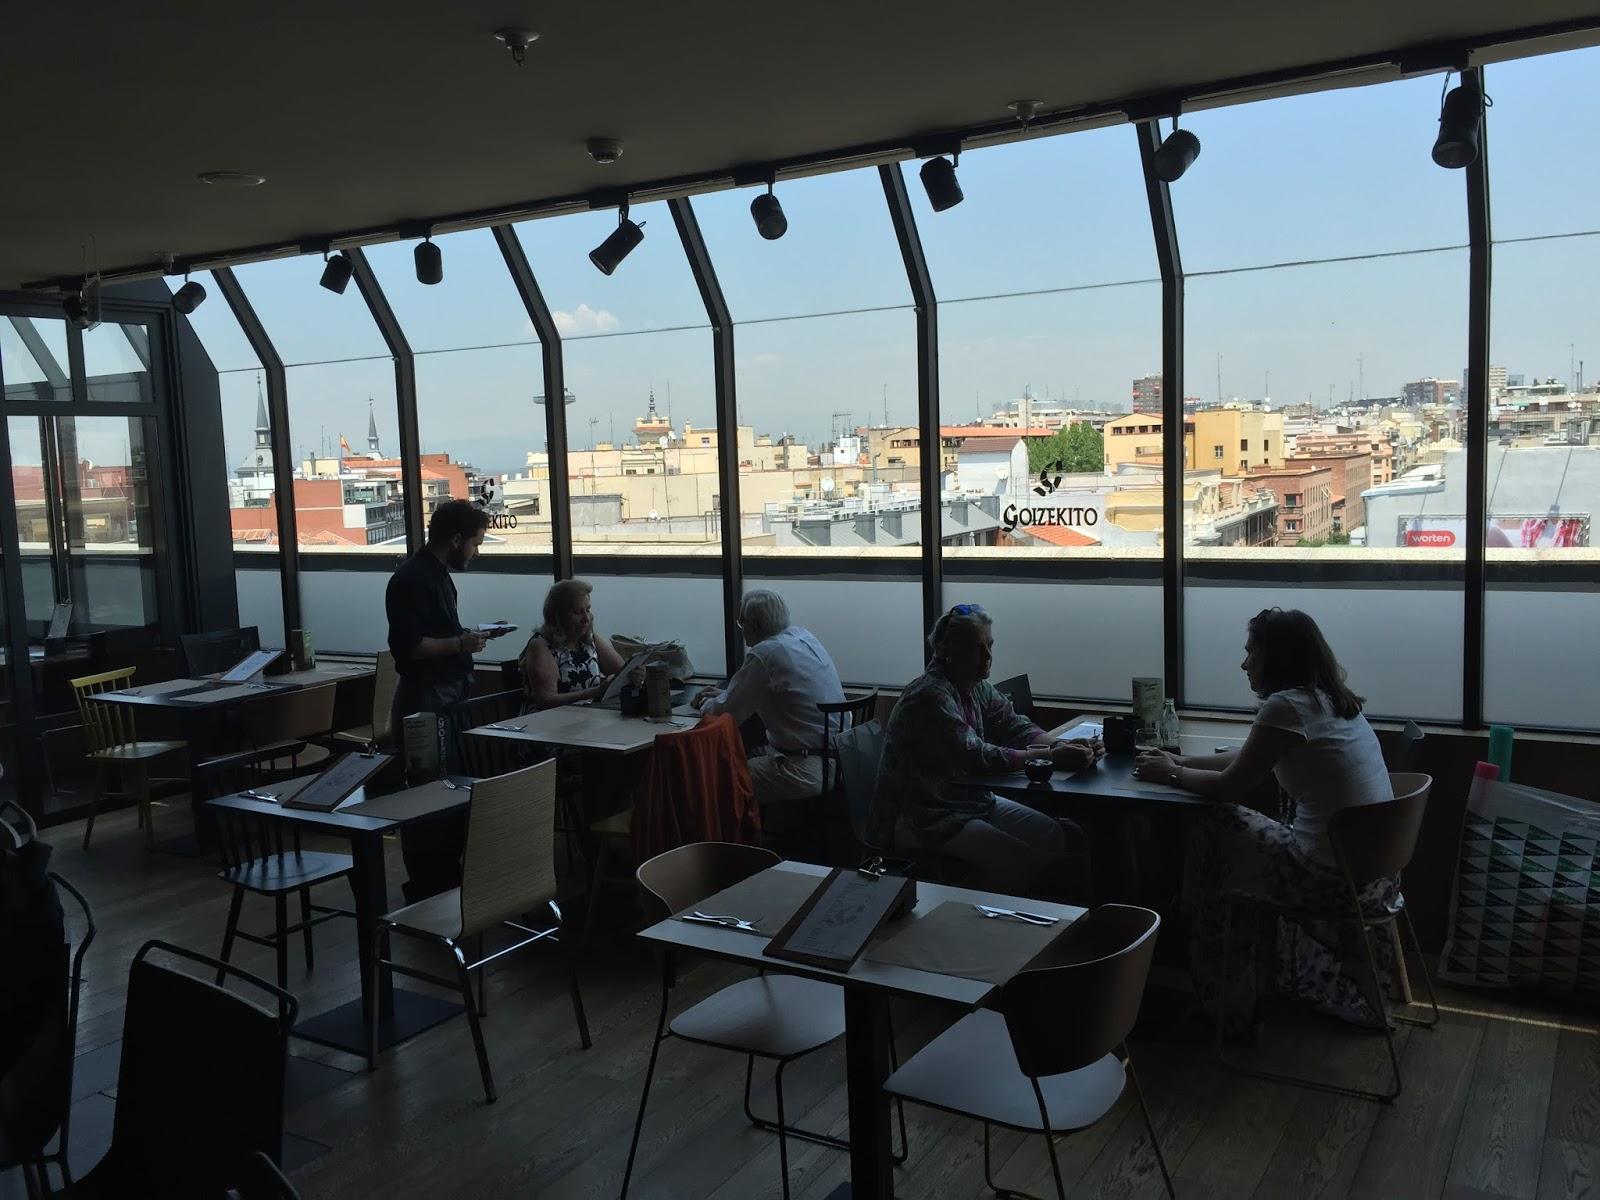 De restaurantes rc goizekito no le llam is hamburguesa llamarlo pepito - Oficinas el corte ingles barcelona ...